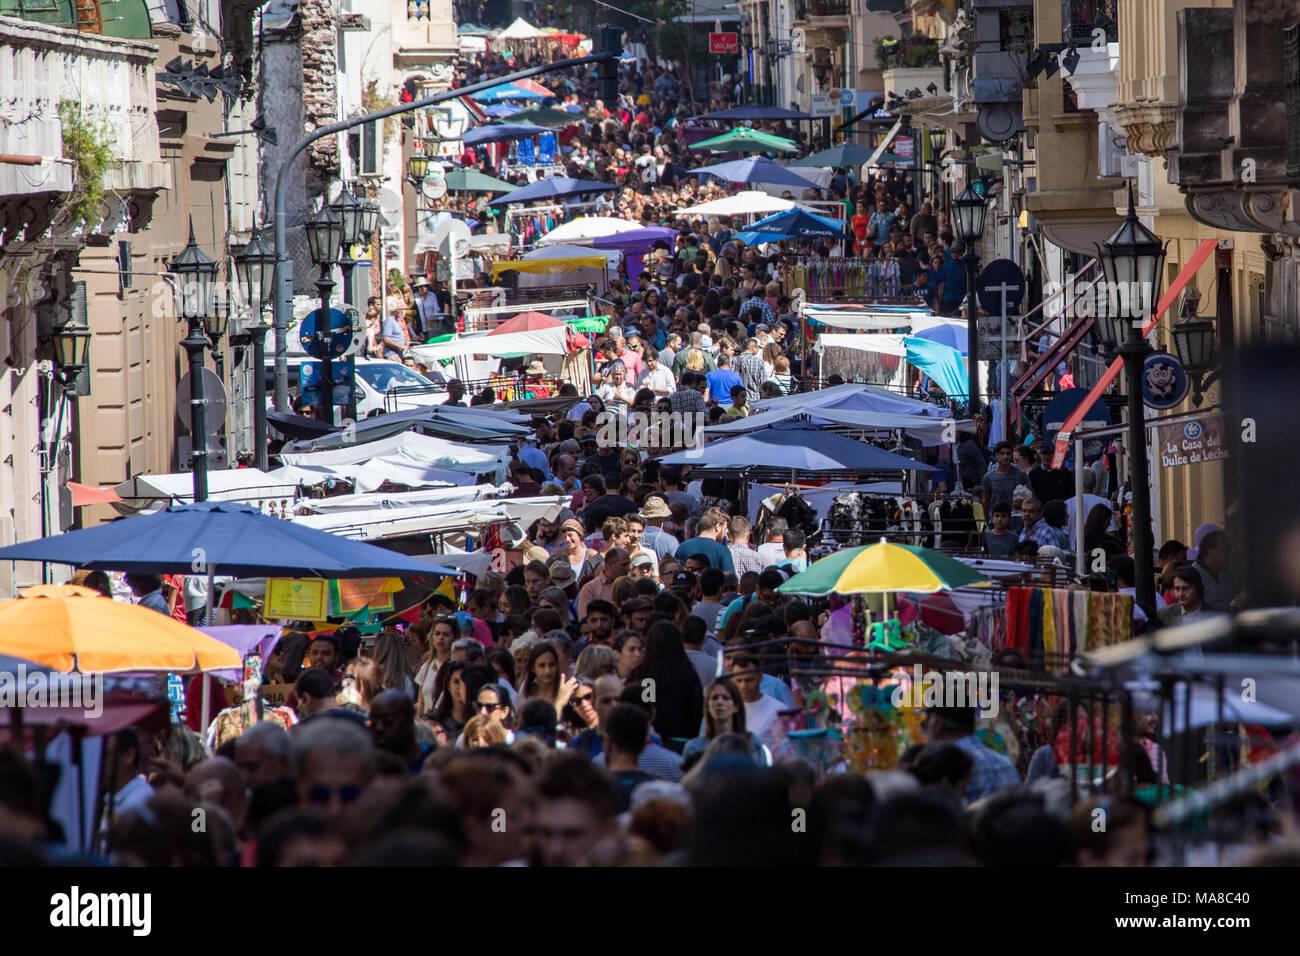 Feria de San Telmo, mercato di domenica, Buenos Aires, Argentina Immagini Stock